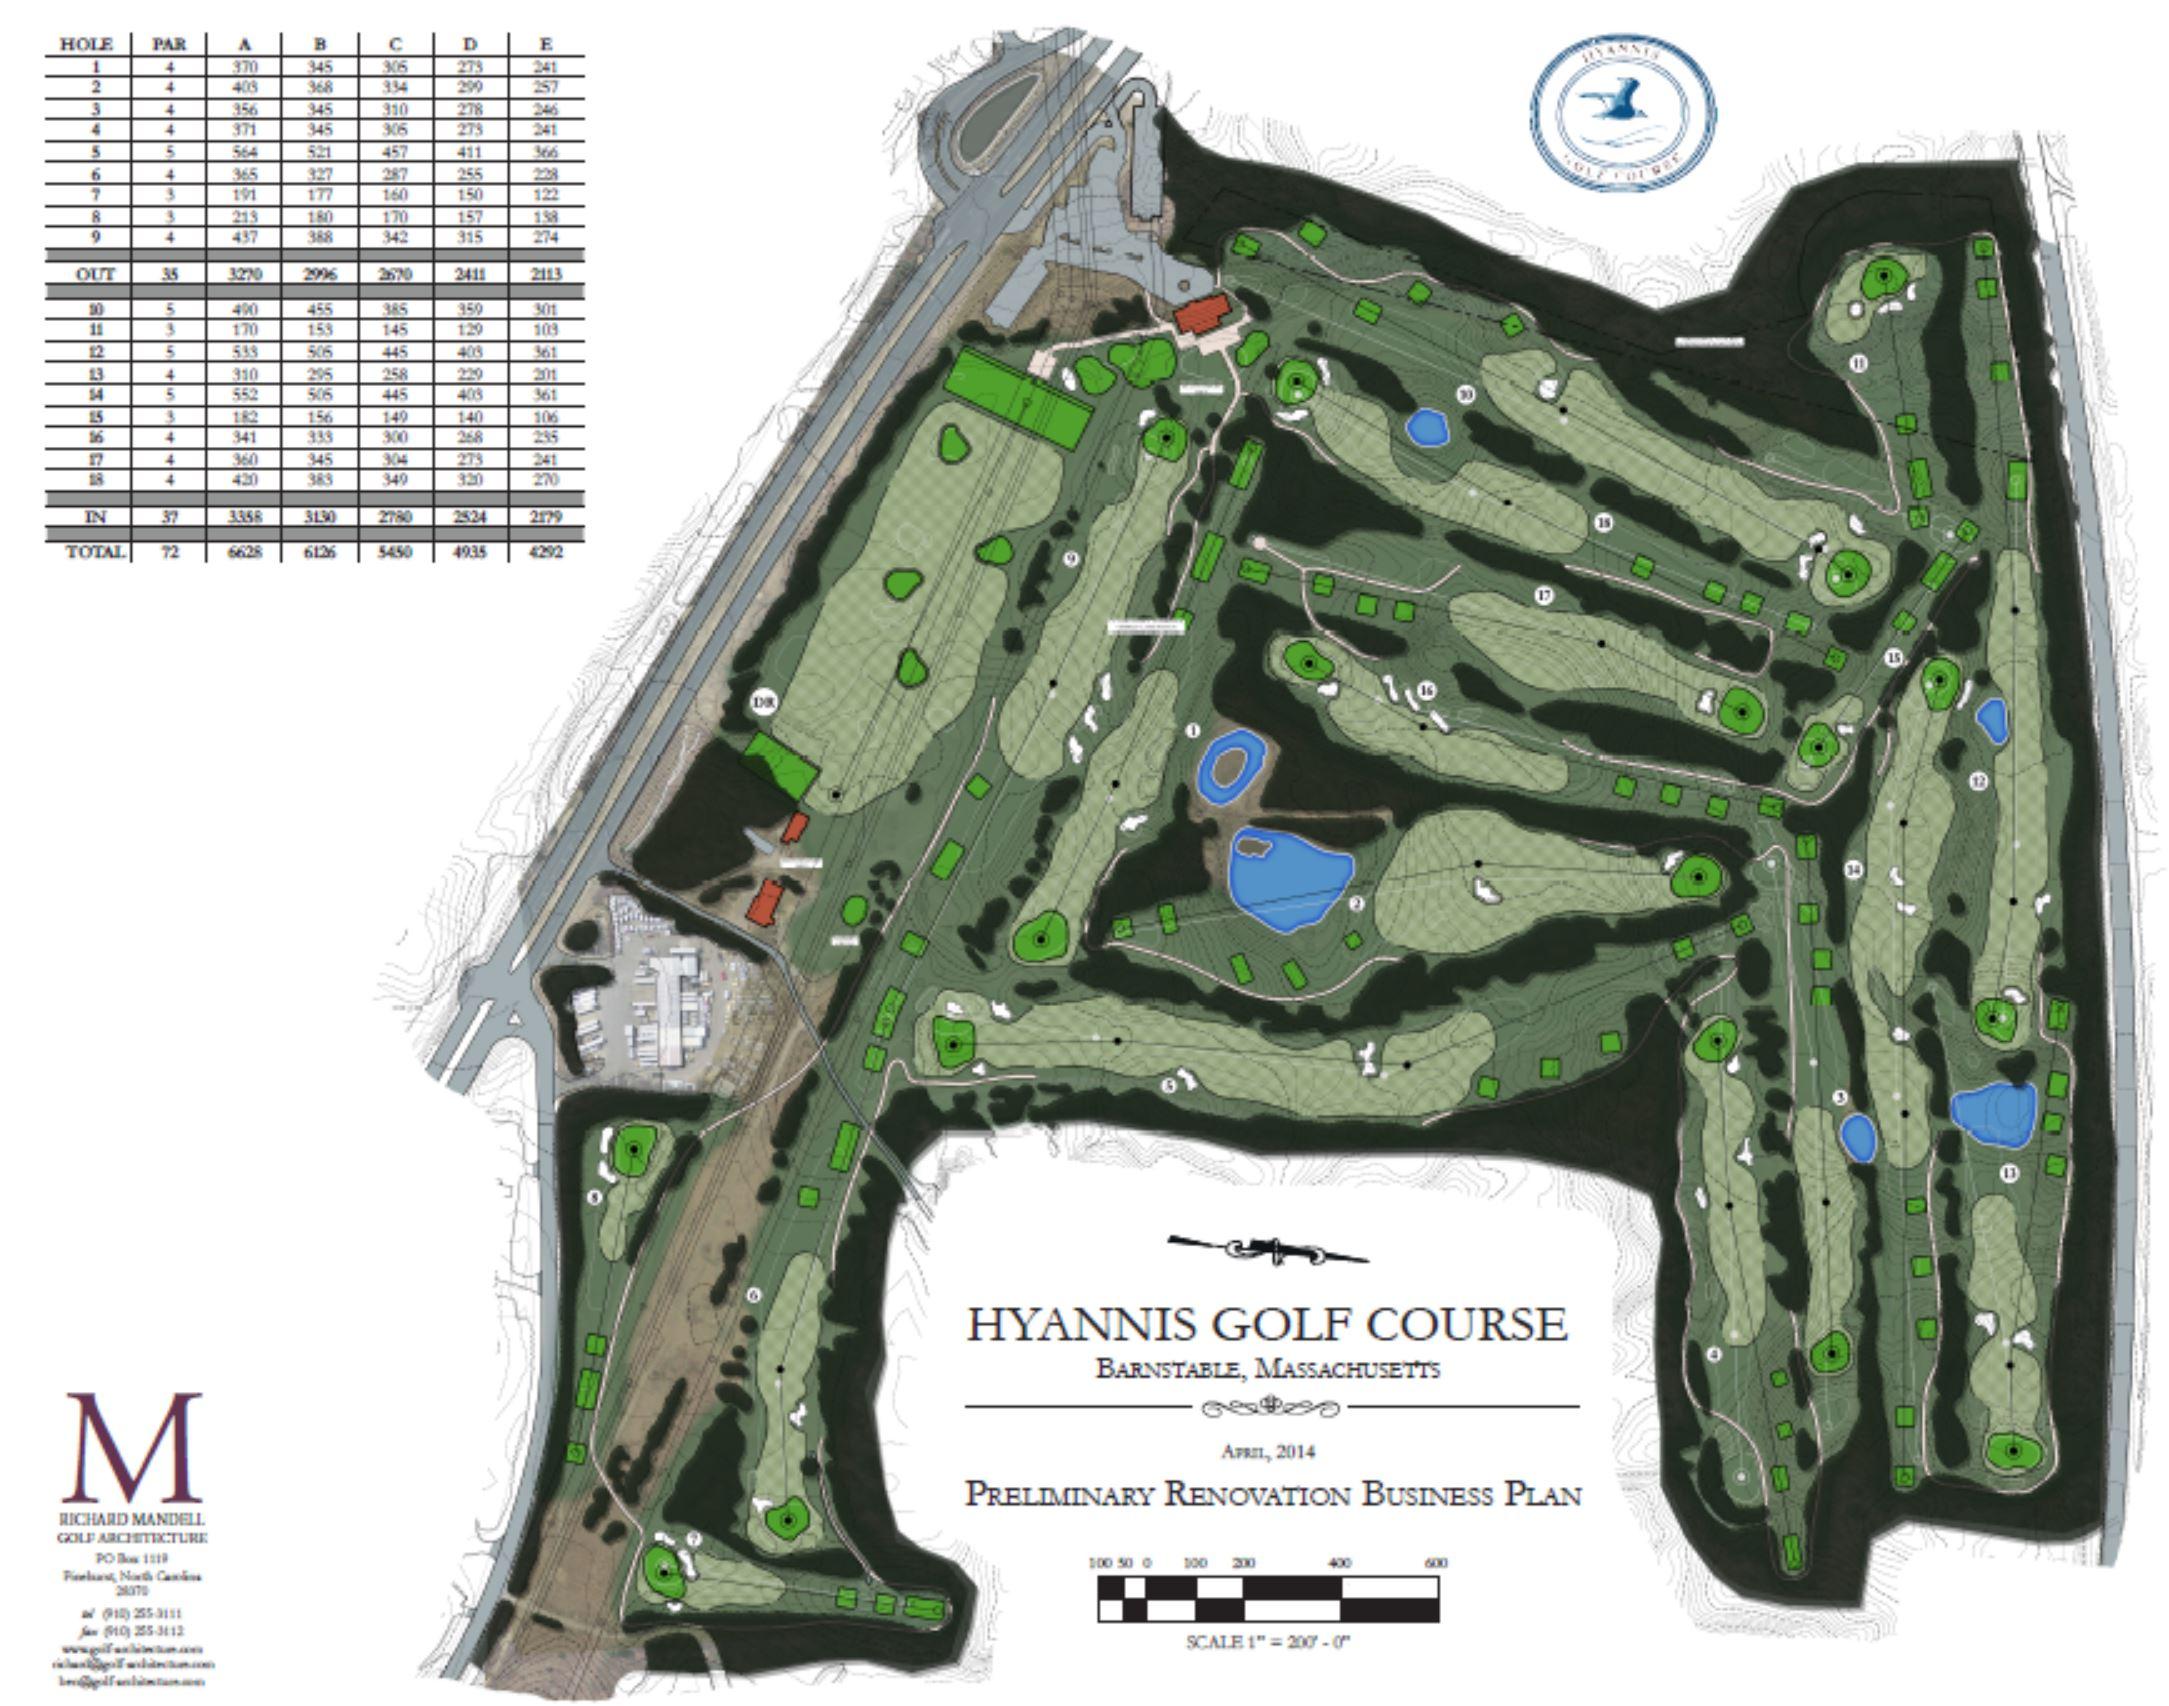 Hyannis Golf Course Master Plan